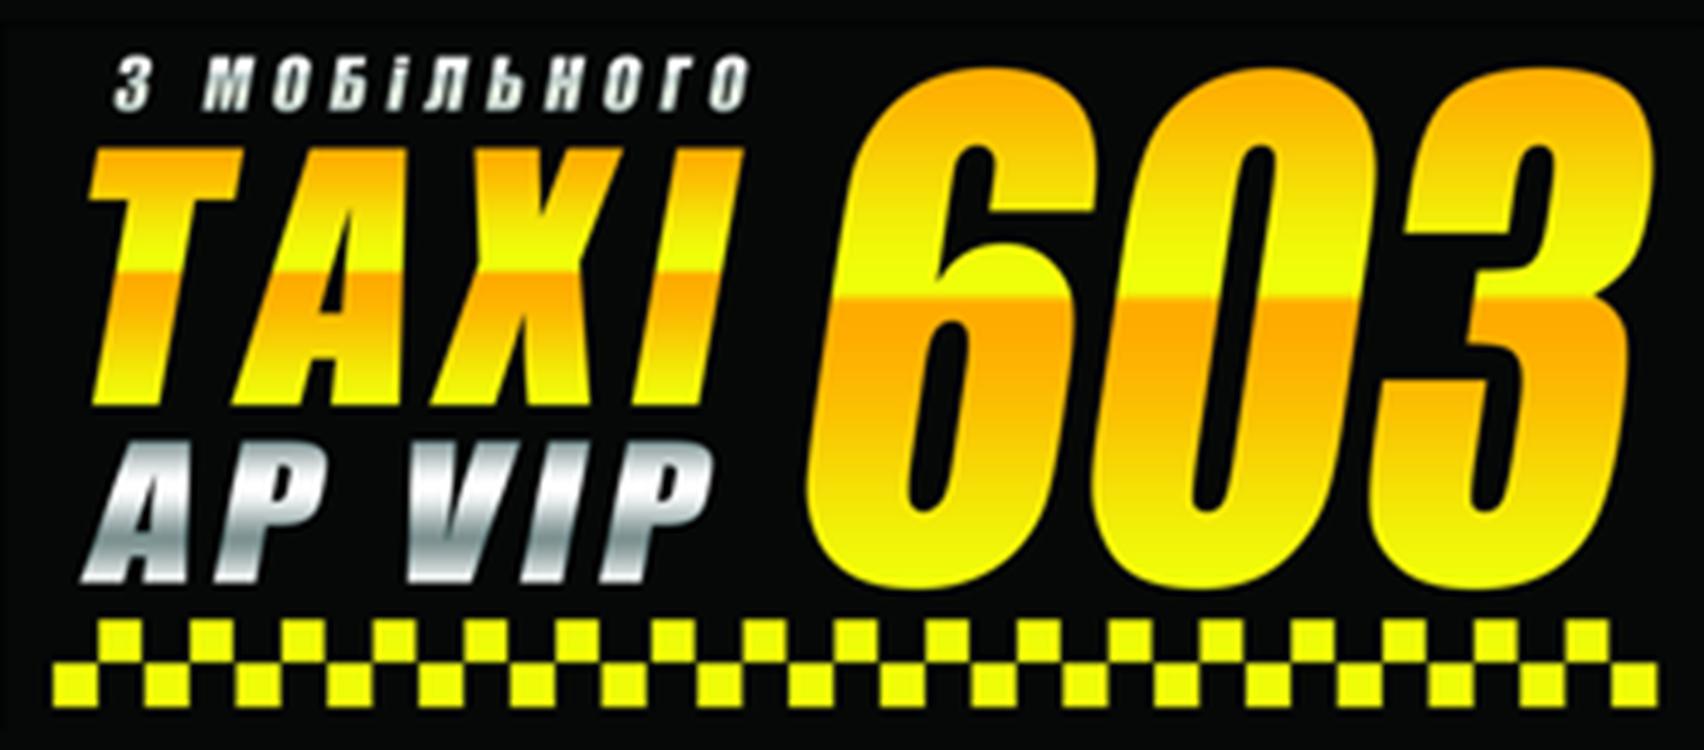 Таксі APvip 603  (Київ)